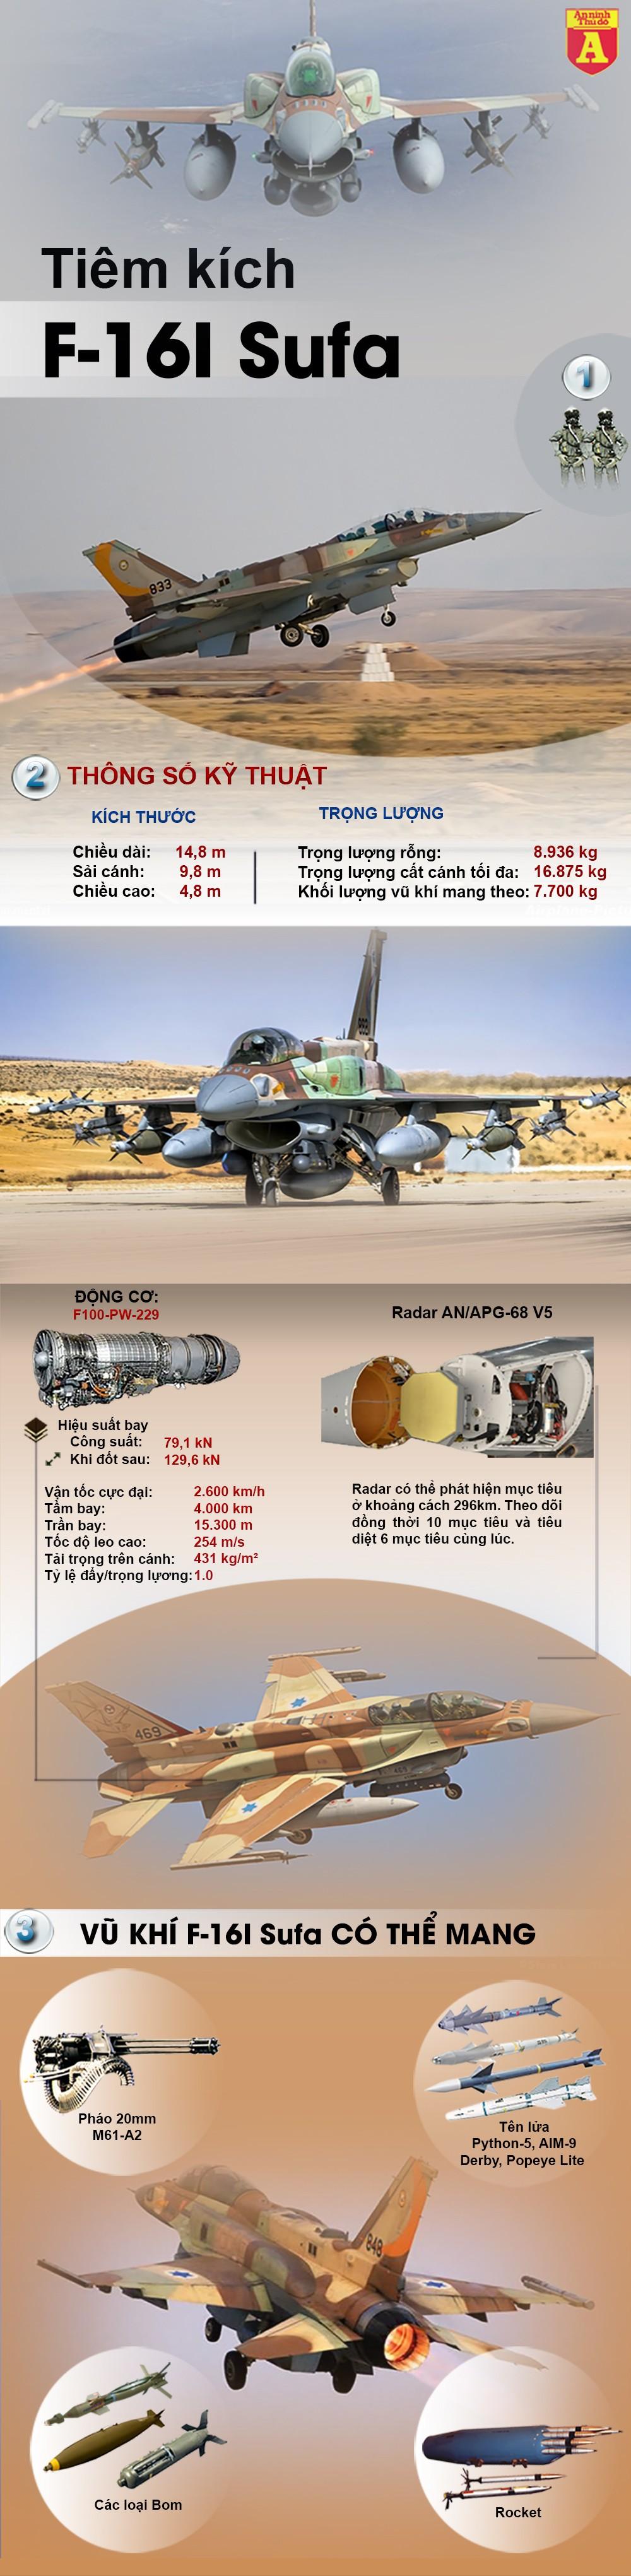 [ĐỒ HỌA] Chiến đấu cơ nào của Israel vừa khiến Nga giận dữ, Syria ôm hận? ảnh 2